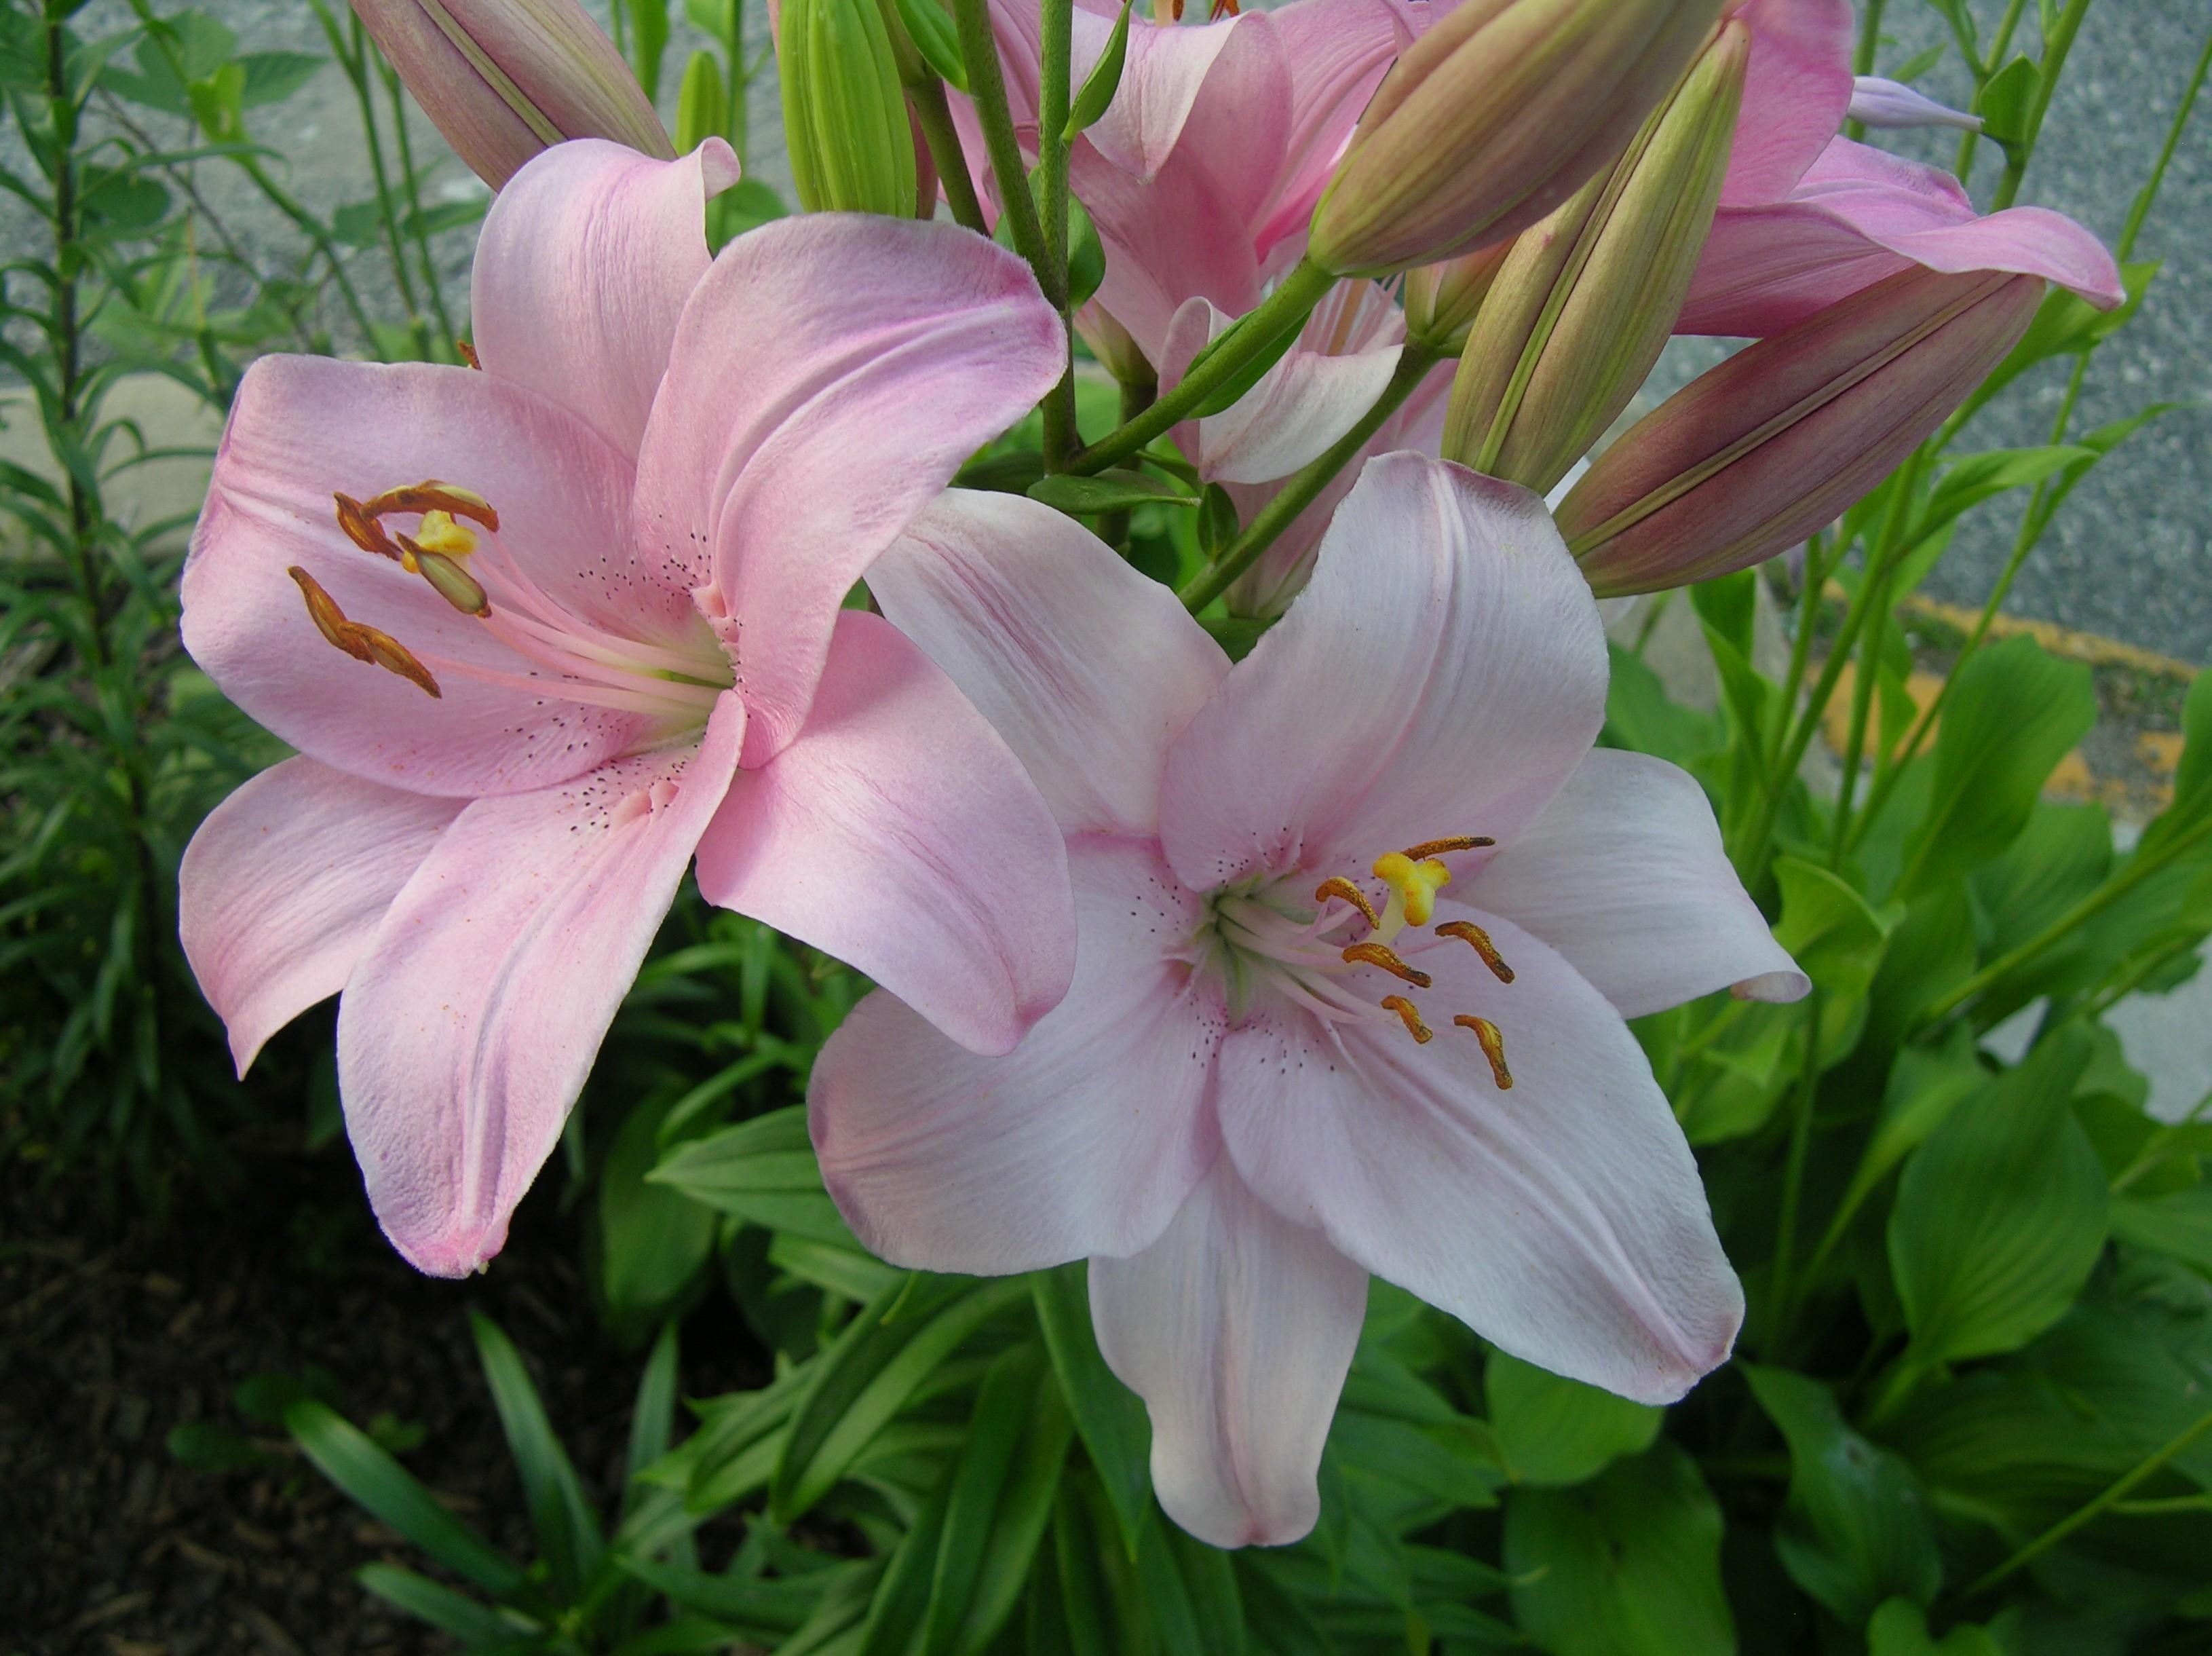 136909 télécharger le fond d'écran Fleurs, Lilies, Parterre De Fleurs, Parterre, Légumes Verts, Verdure - économiseurs d'écran et images gratuitement